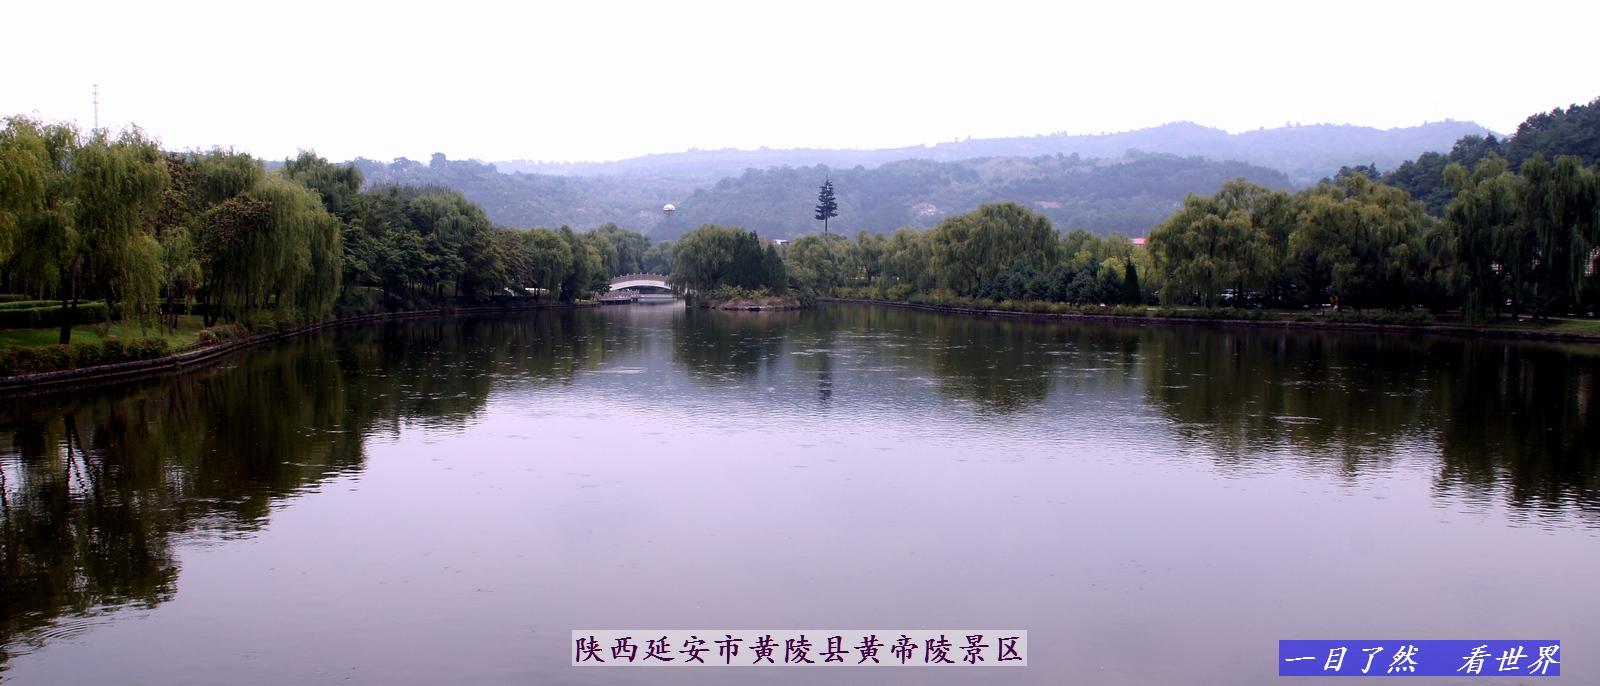 黄帝陵景区-28-1600.jpg